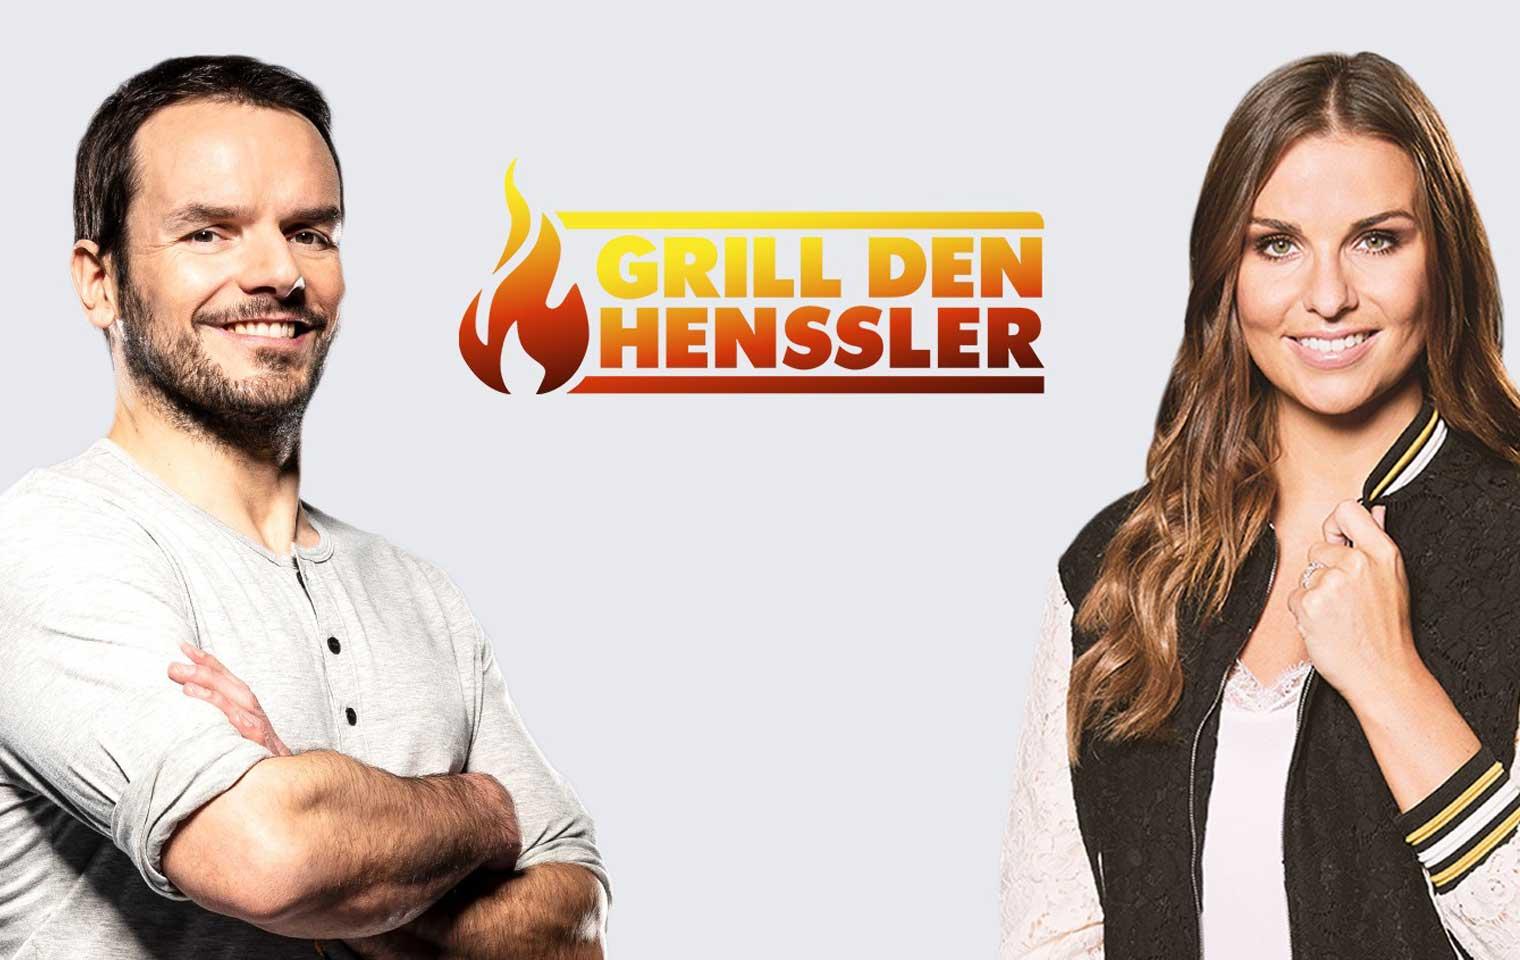 Grill Den Henssler Moderatorinnen